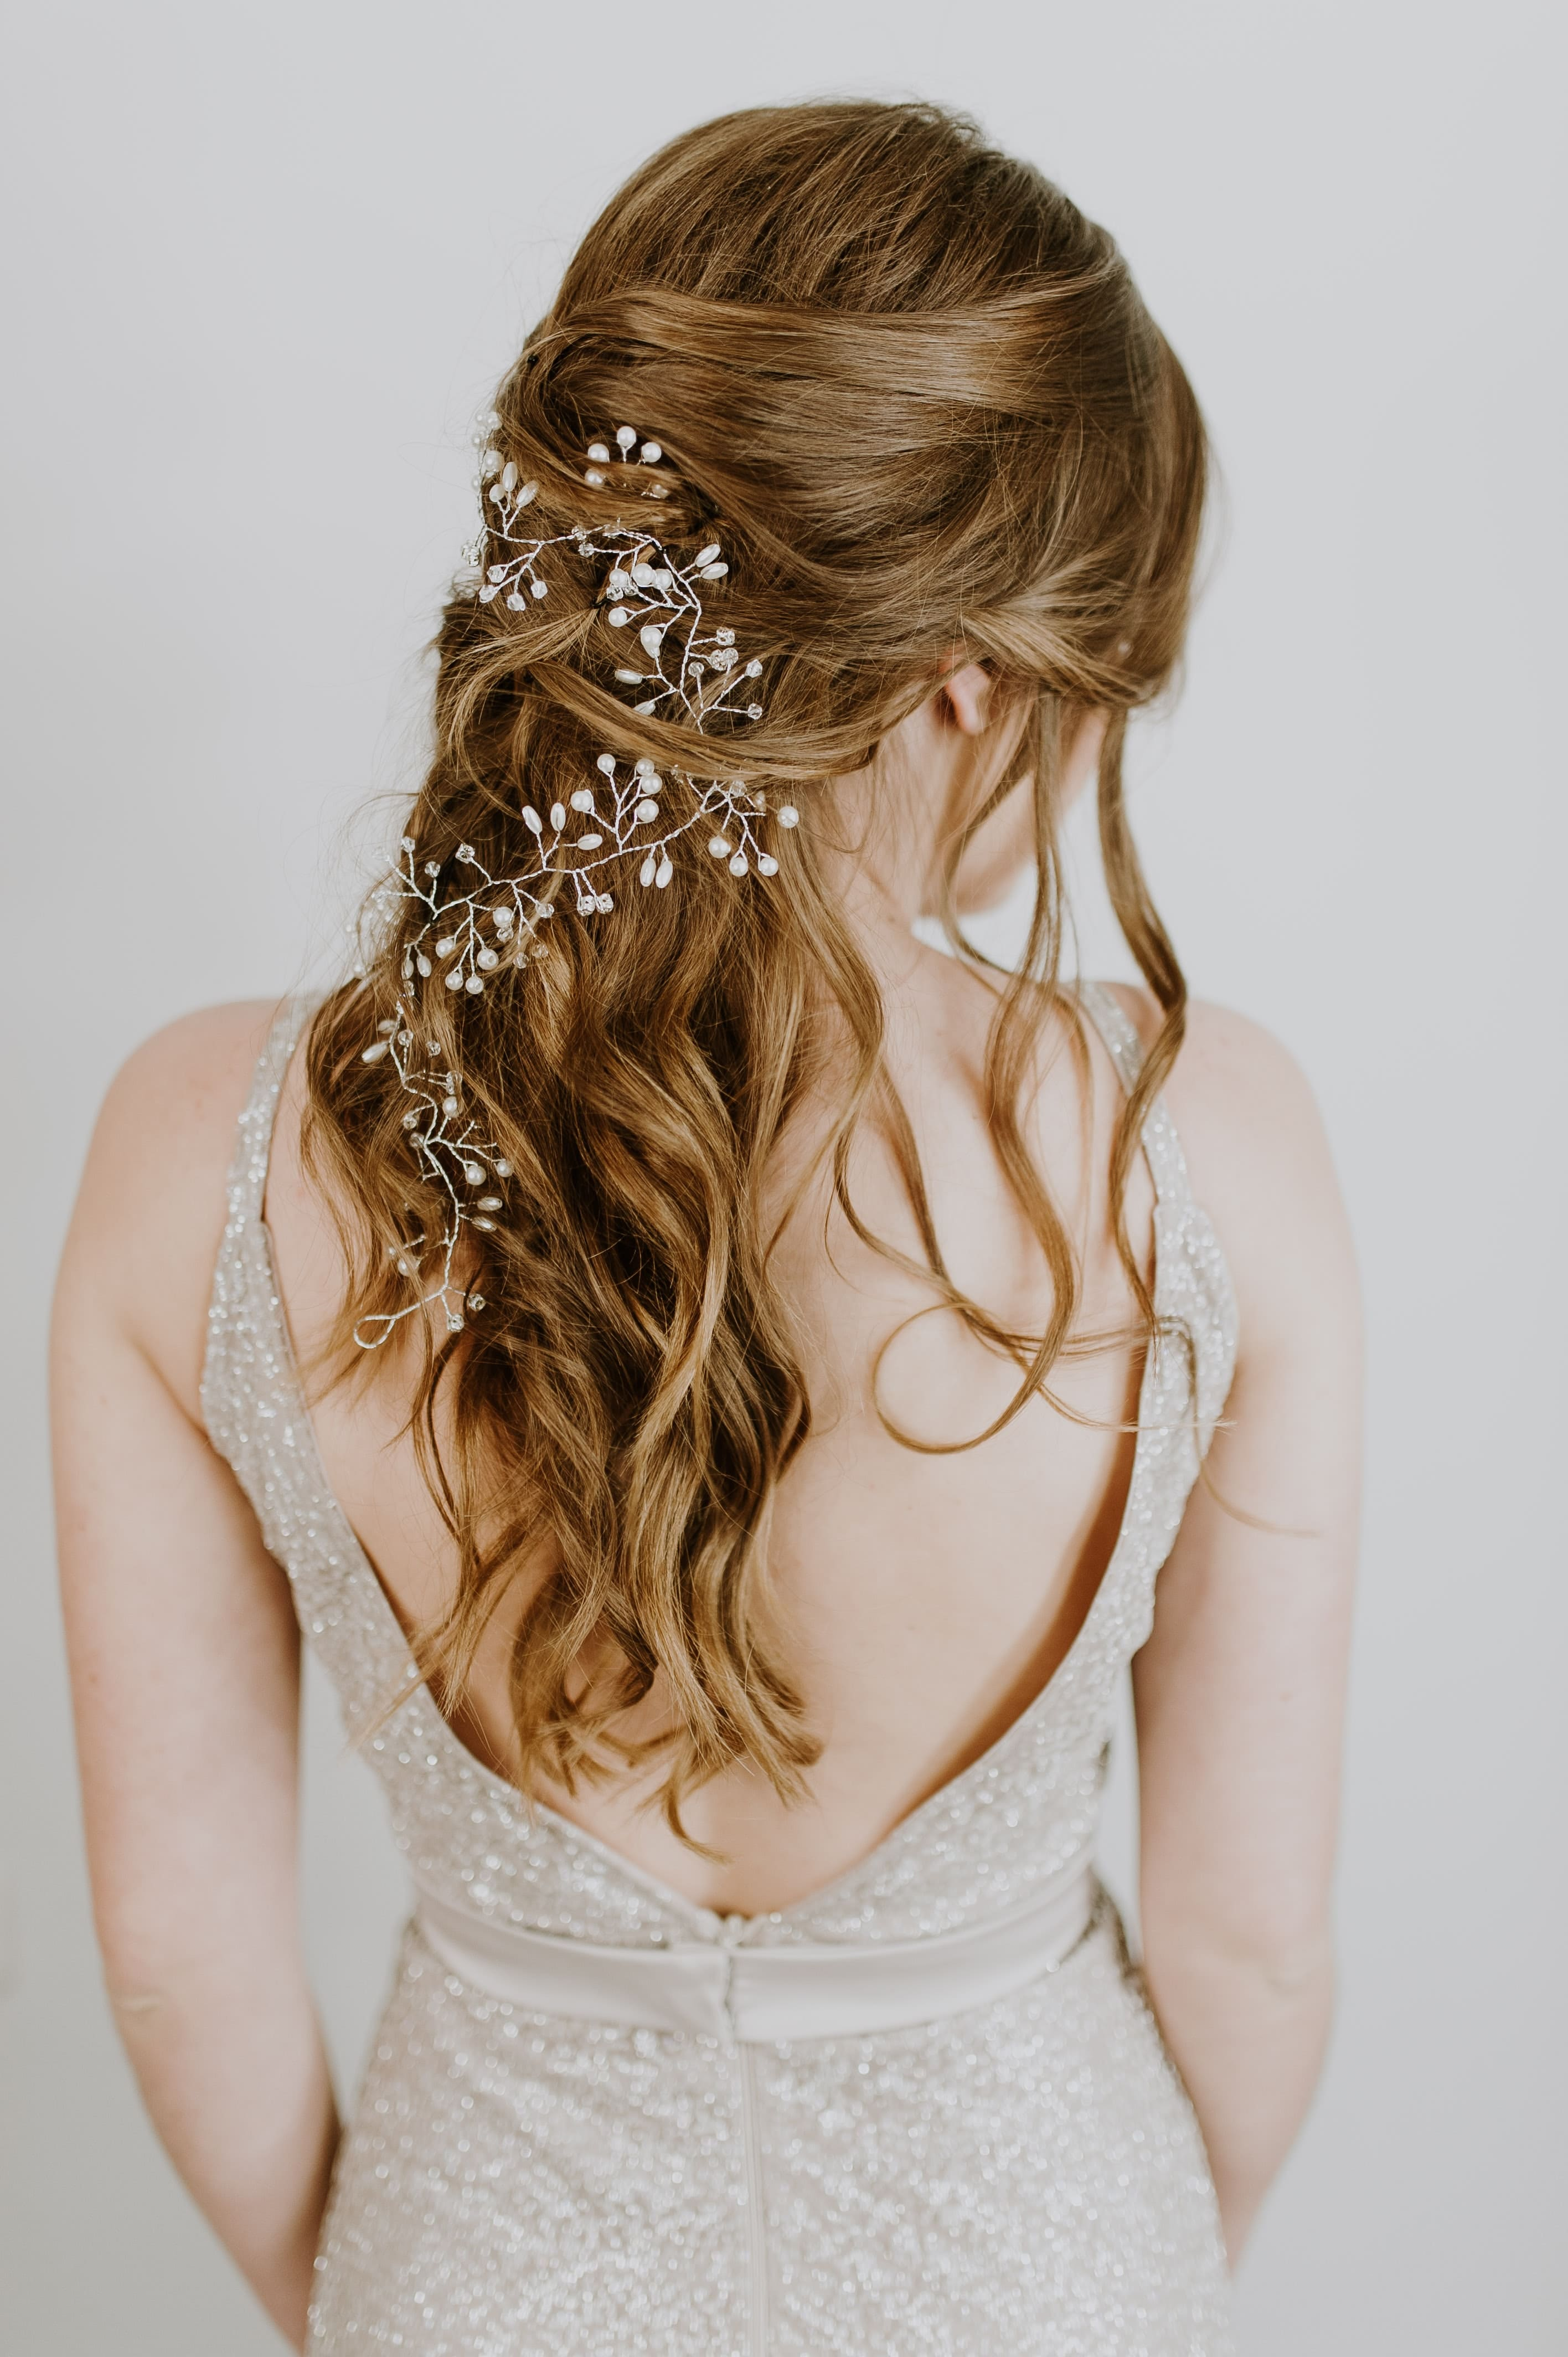 Découvrez les grandes tendances pour la coiffure de mariée